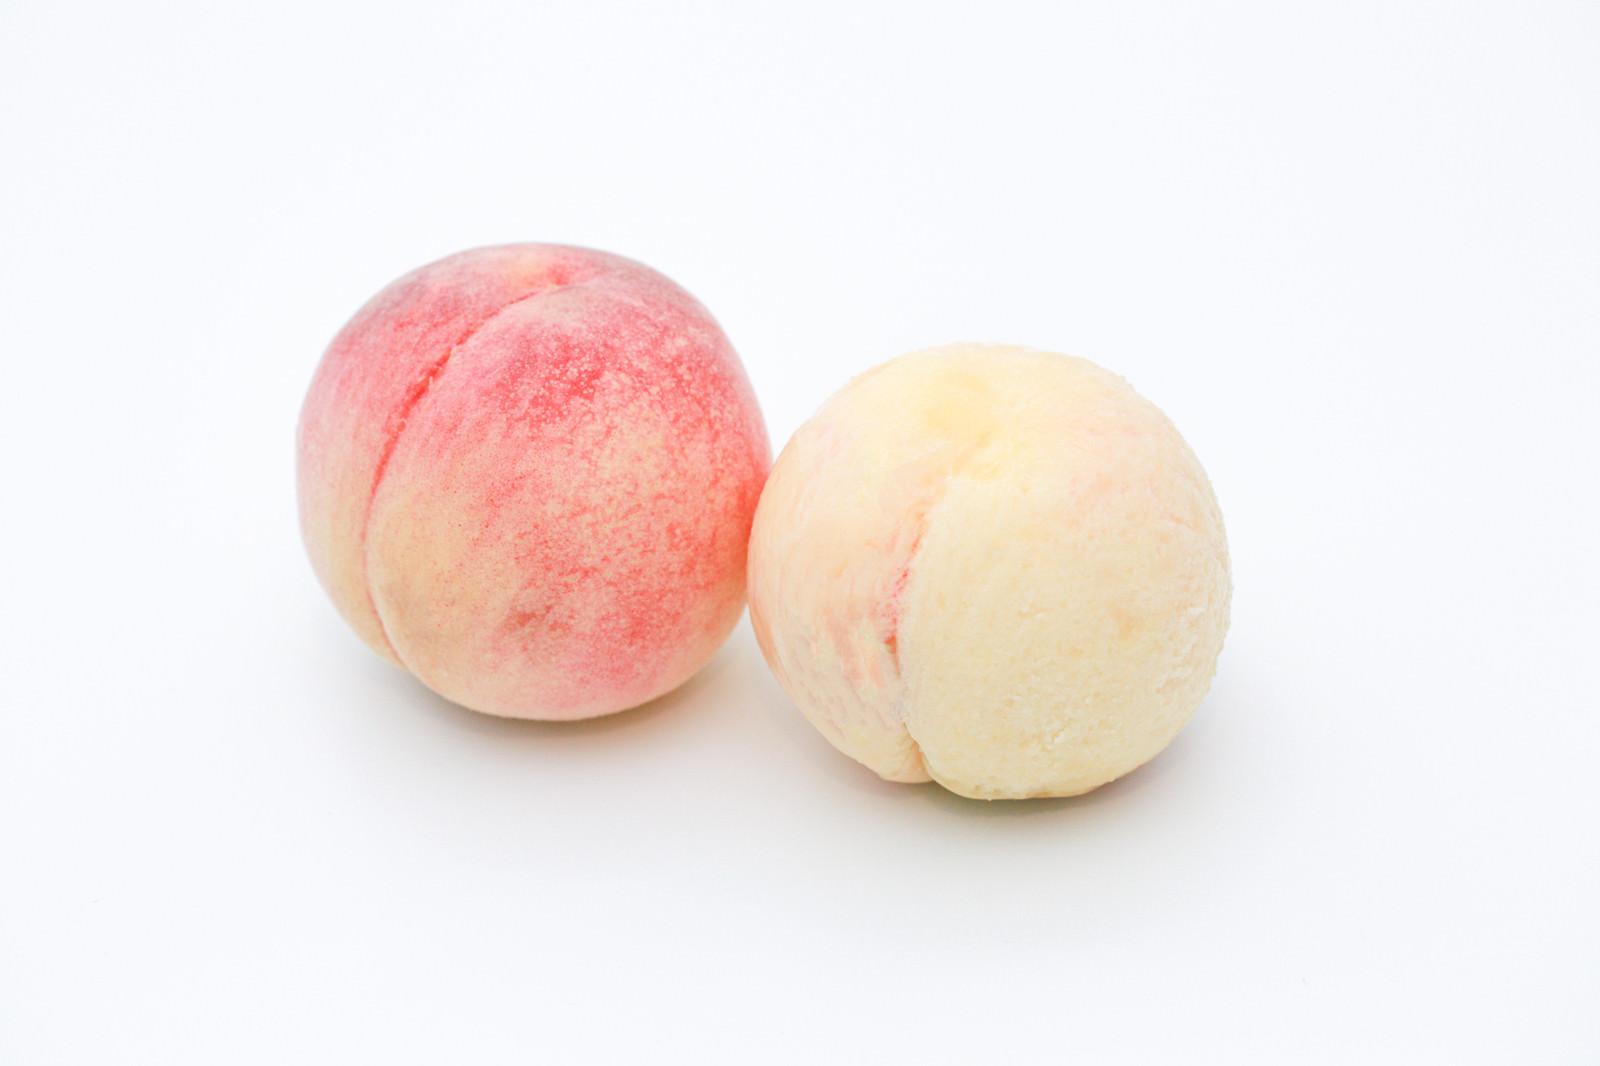 「皮を剥いた桃と剥く前の桃」の写真